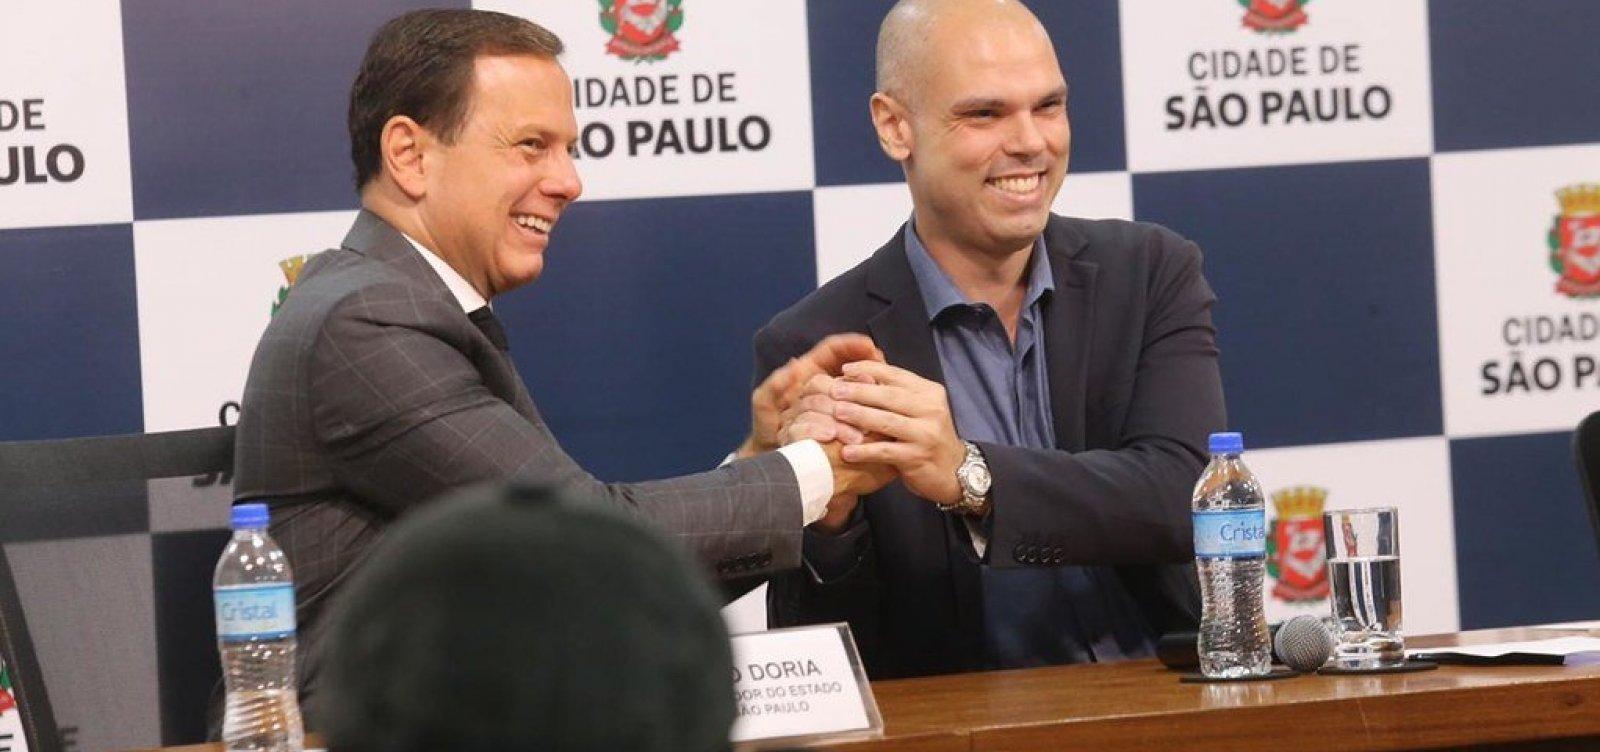 ['Não tem plano B, tem o plano Bruno em 2020', afirma Doria sobre eleição municipal]